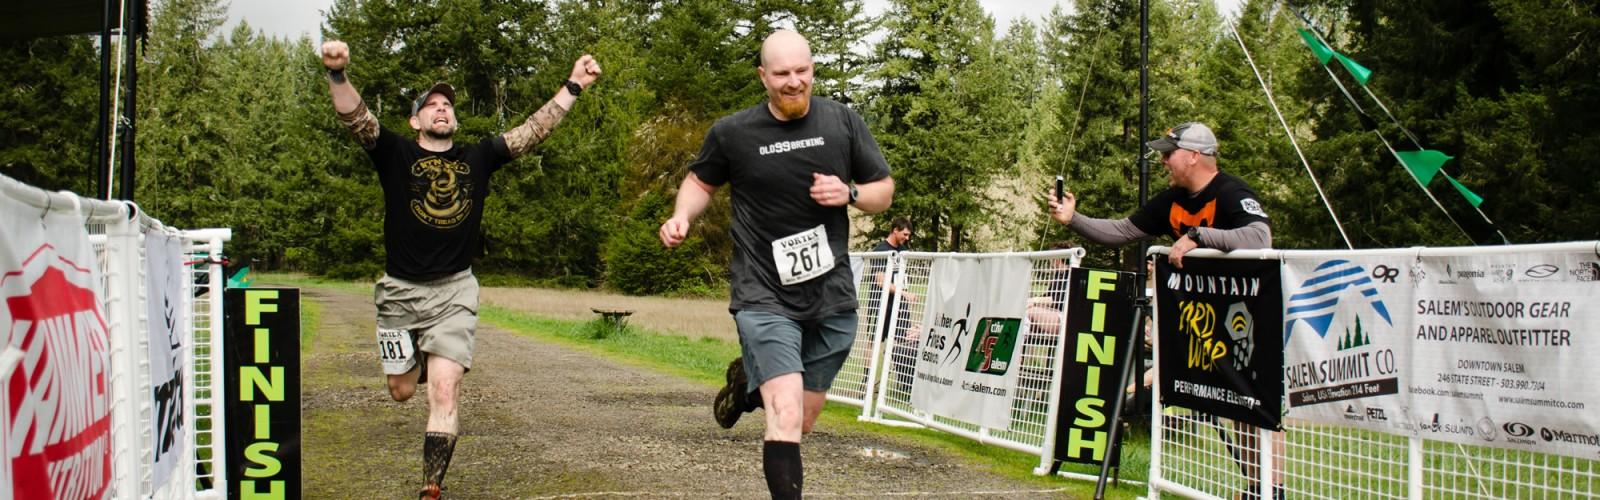 Vortex Half Marathon